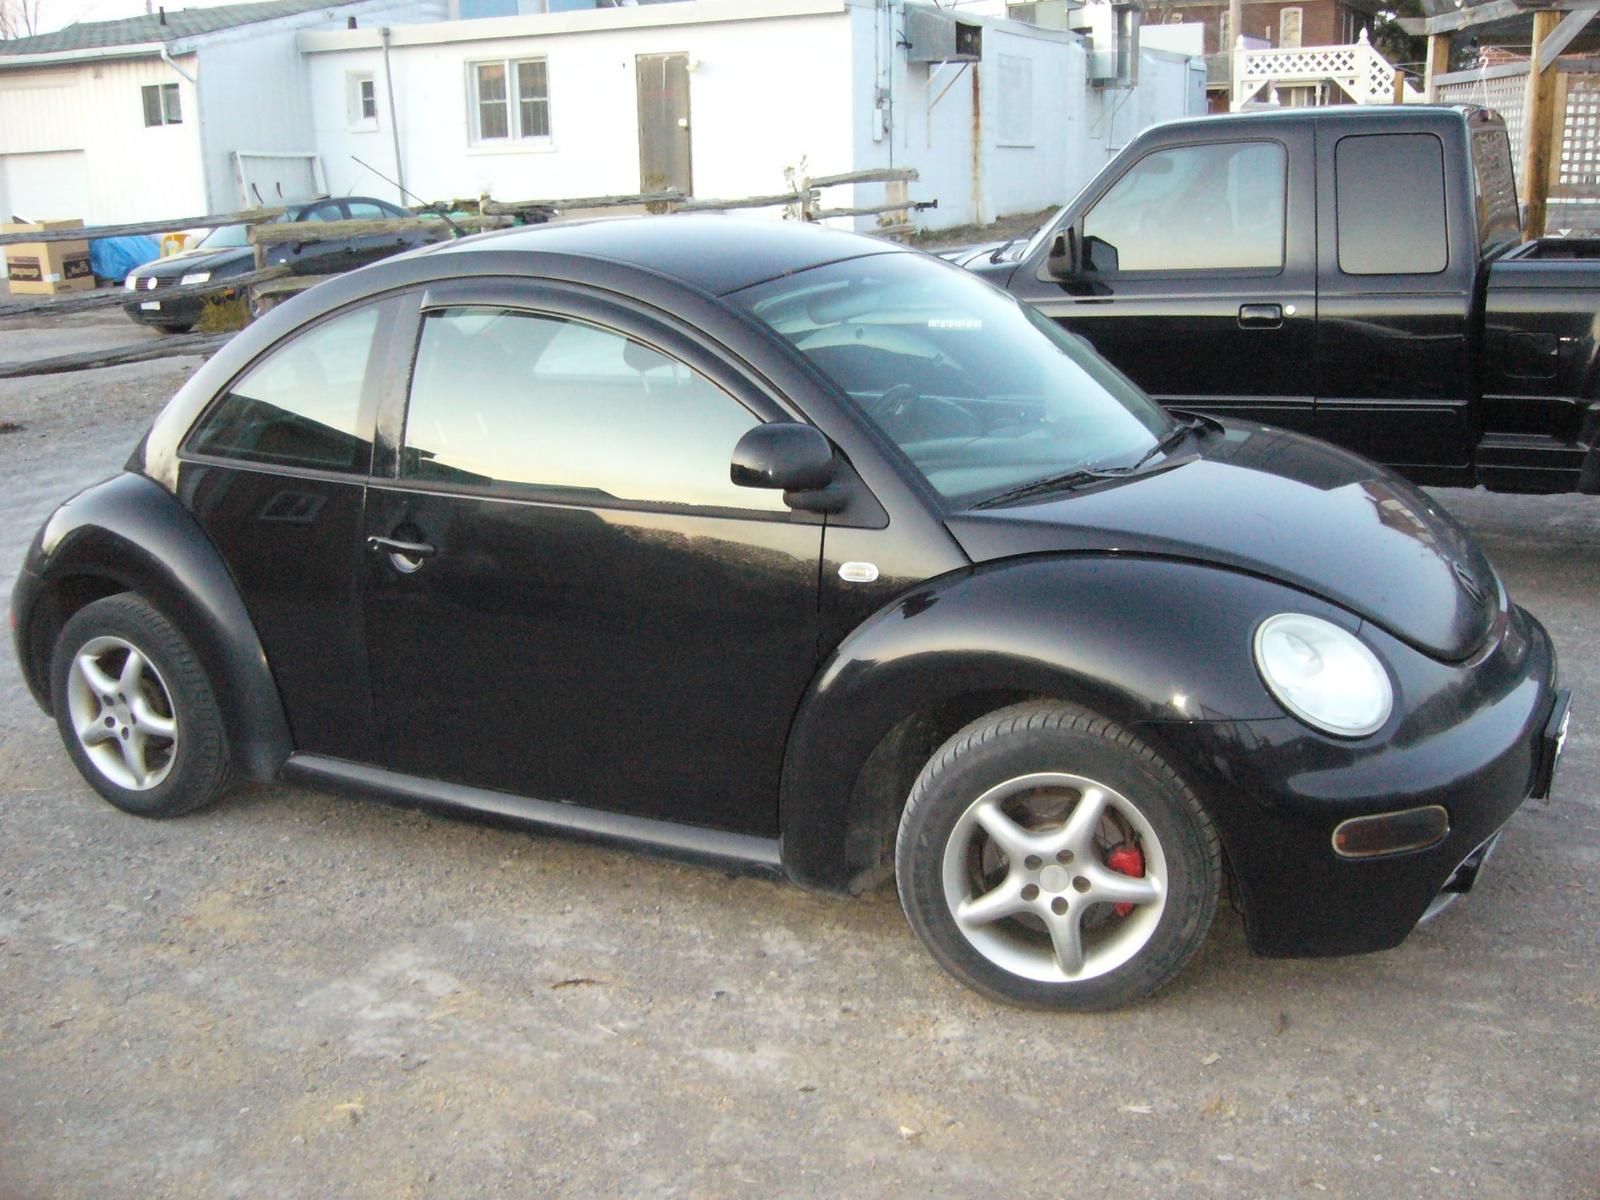 1999-volkswagen-beetle-2-dr-gls-tdi-turb